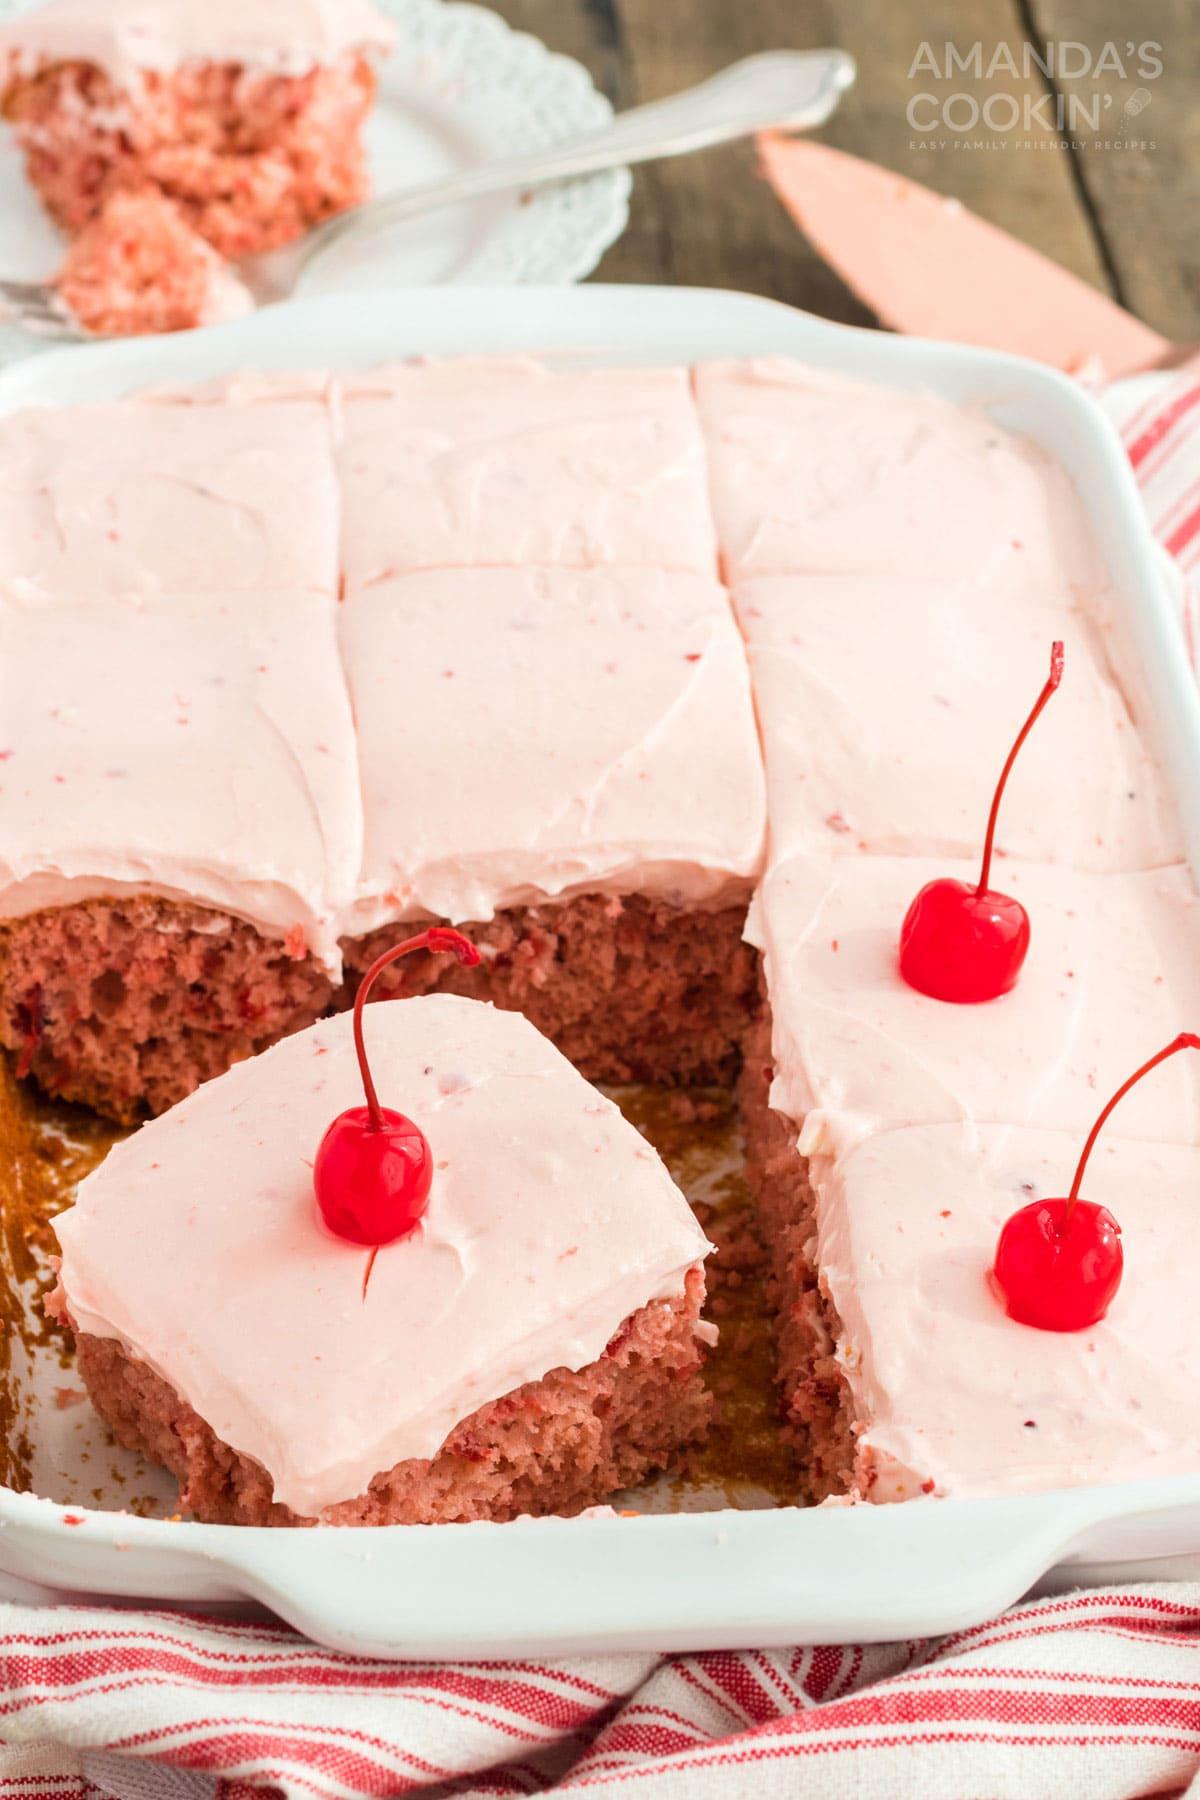 pan of cherry cake topped with maraschino cherries